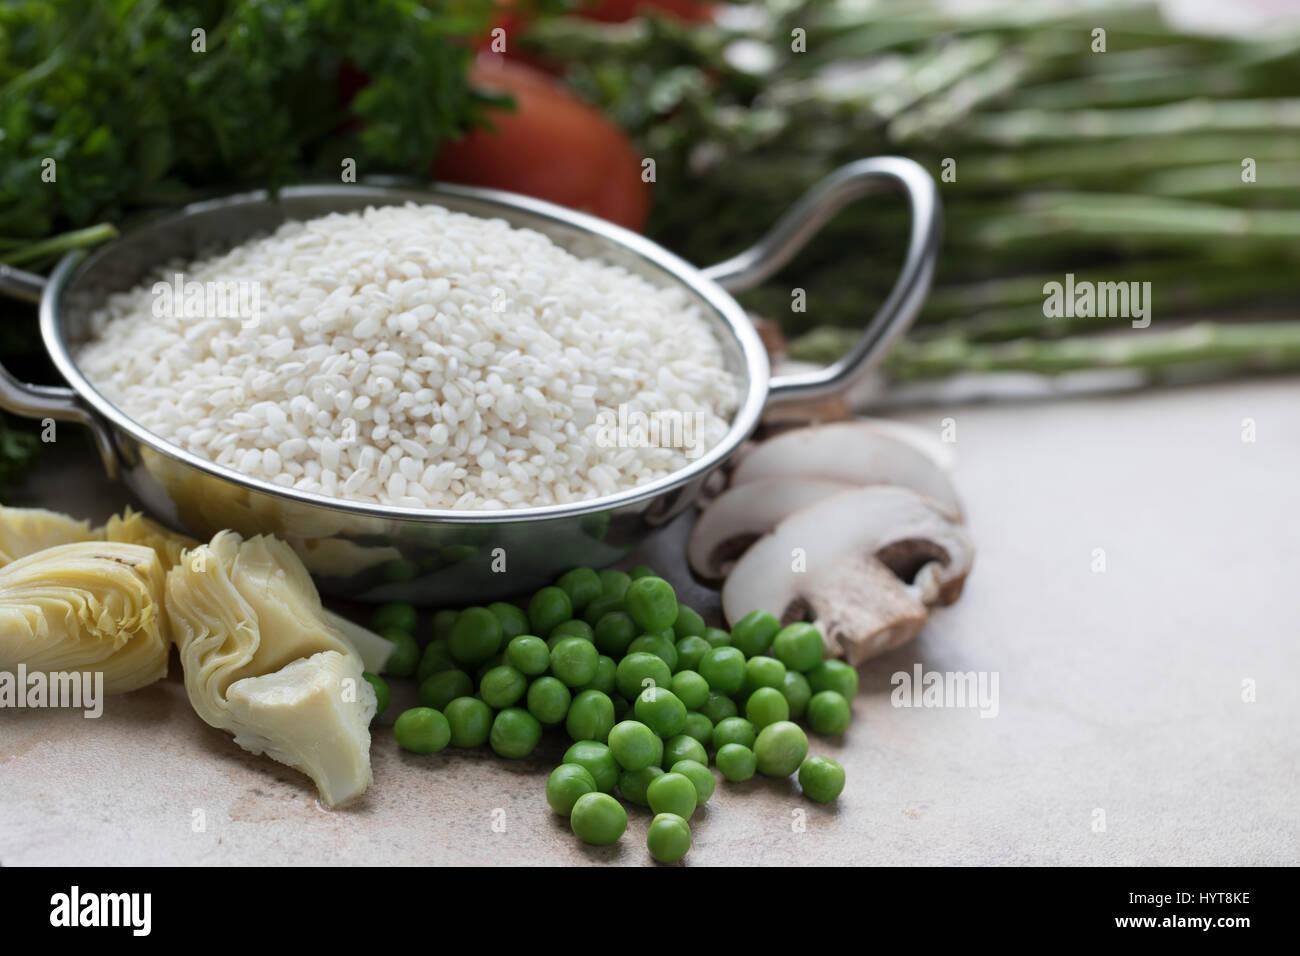 Le riz, artichauts, petits pois, champignons et autres ingrédients pour la paella végétarienne Photo Stock